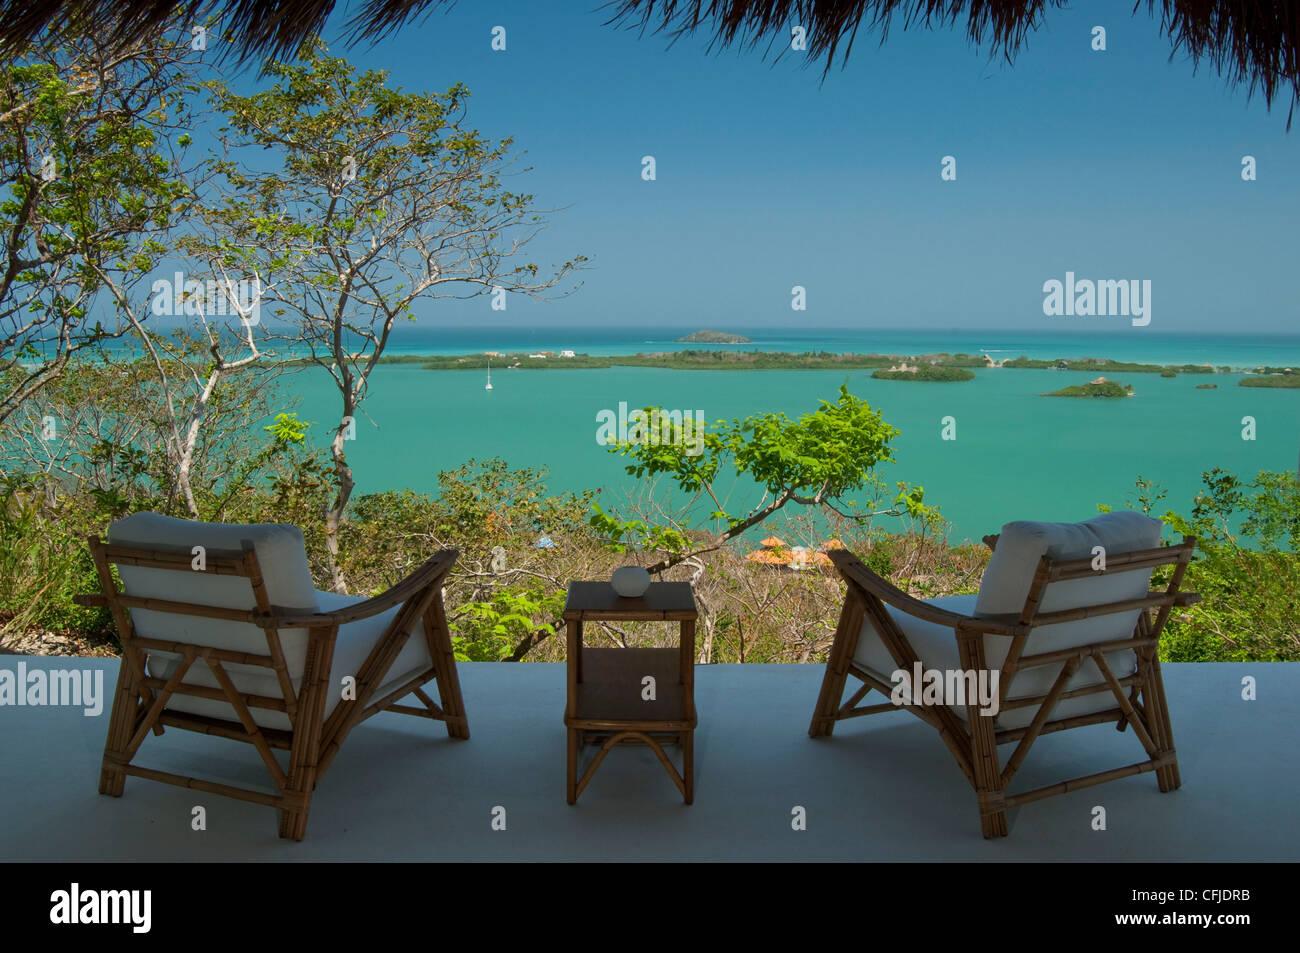 Deux chaises vert vif sur l'eau des Caraïbes Photo Stock